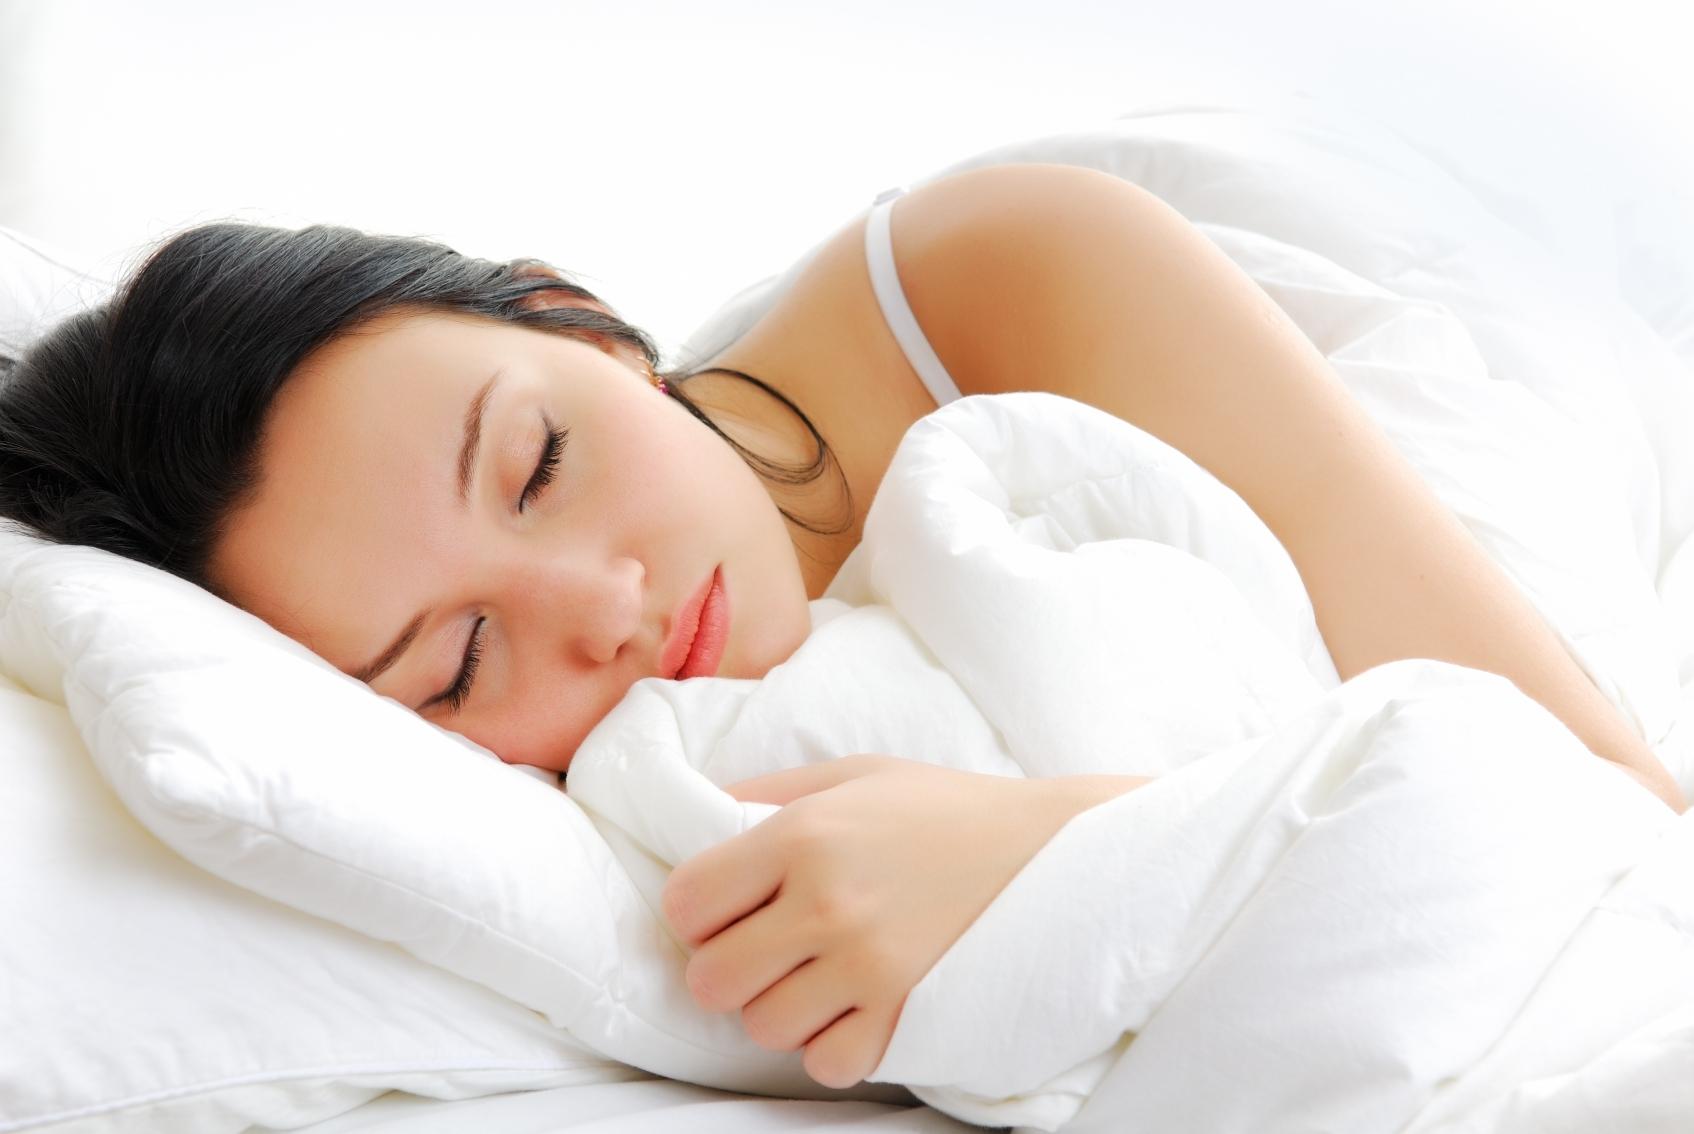 Sữa tươi giúp ngủ ngon hơn và sâu hơn